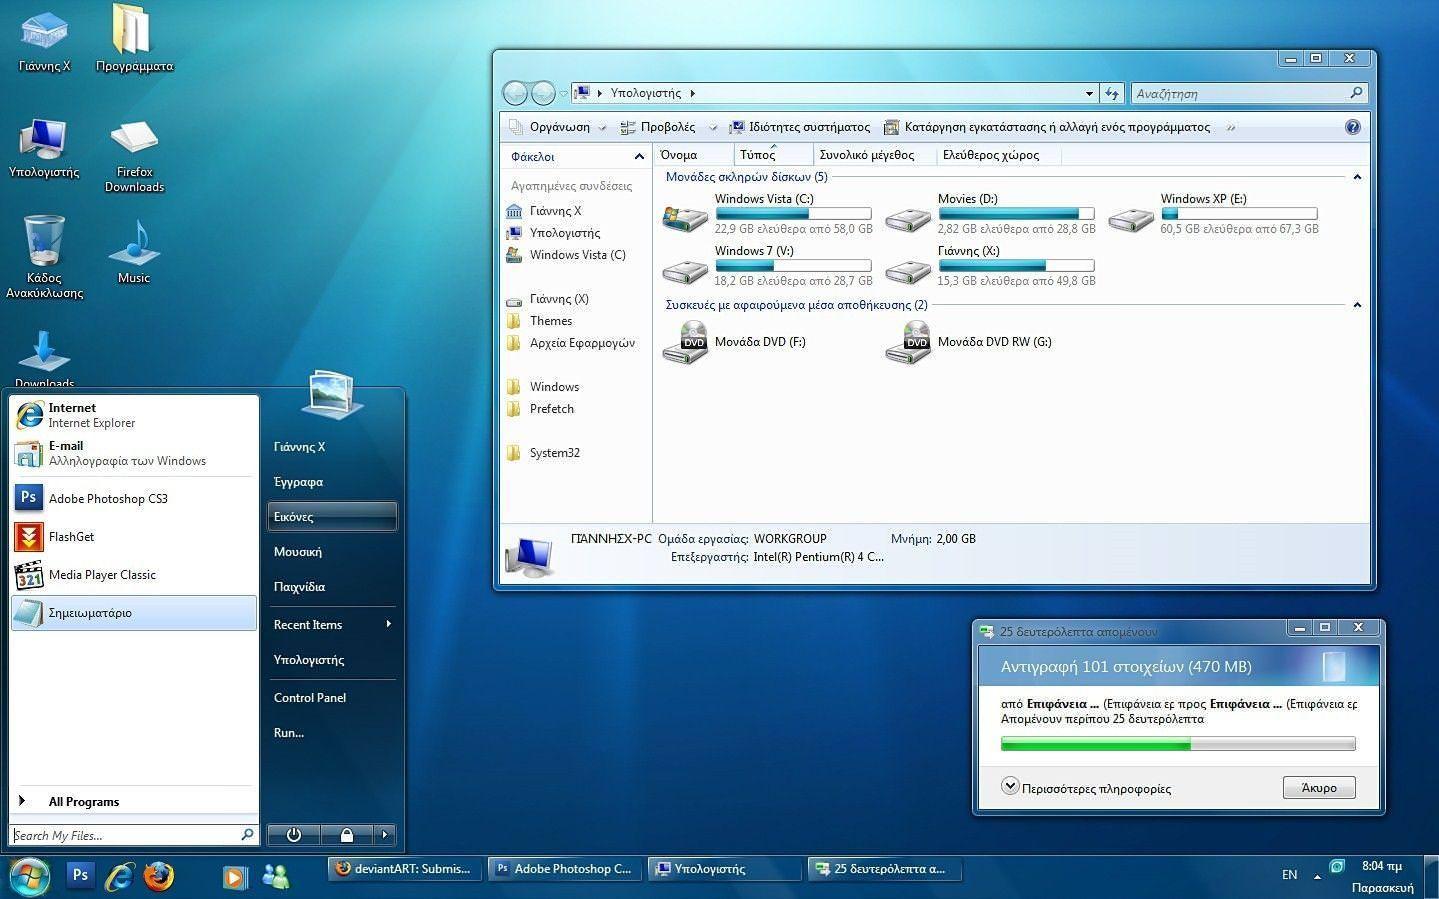 تحميل ويندوز Windows 7 النسخة الاصلية من مايكروسوفت مجانا